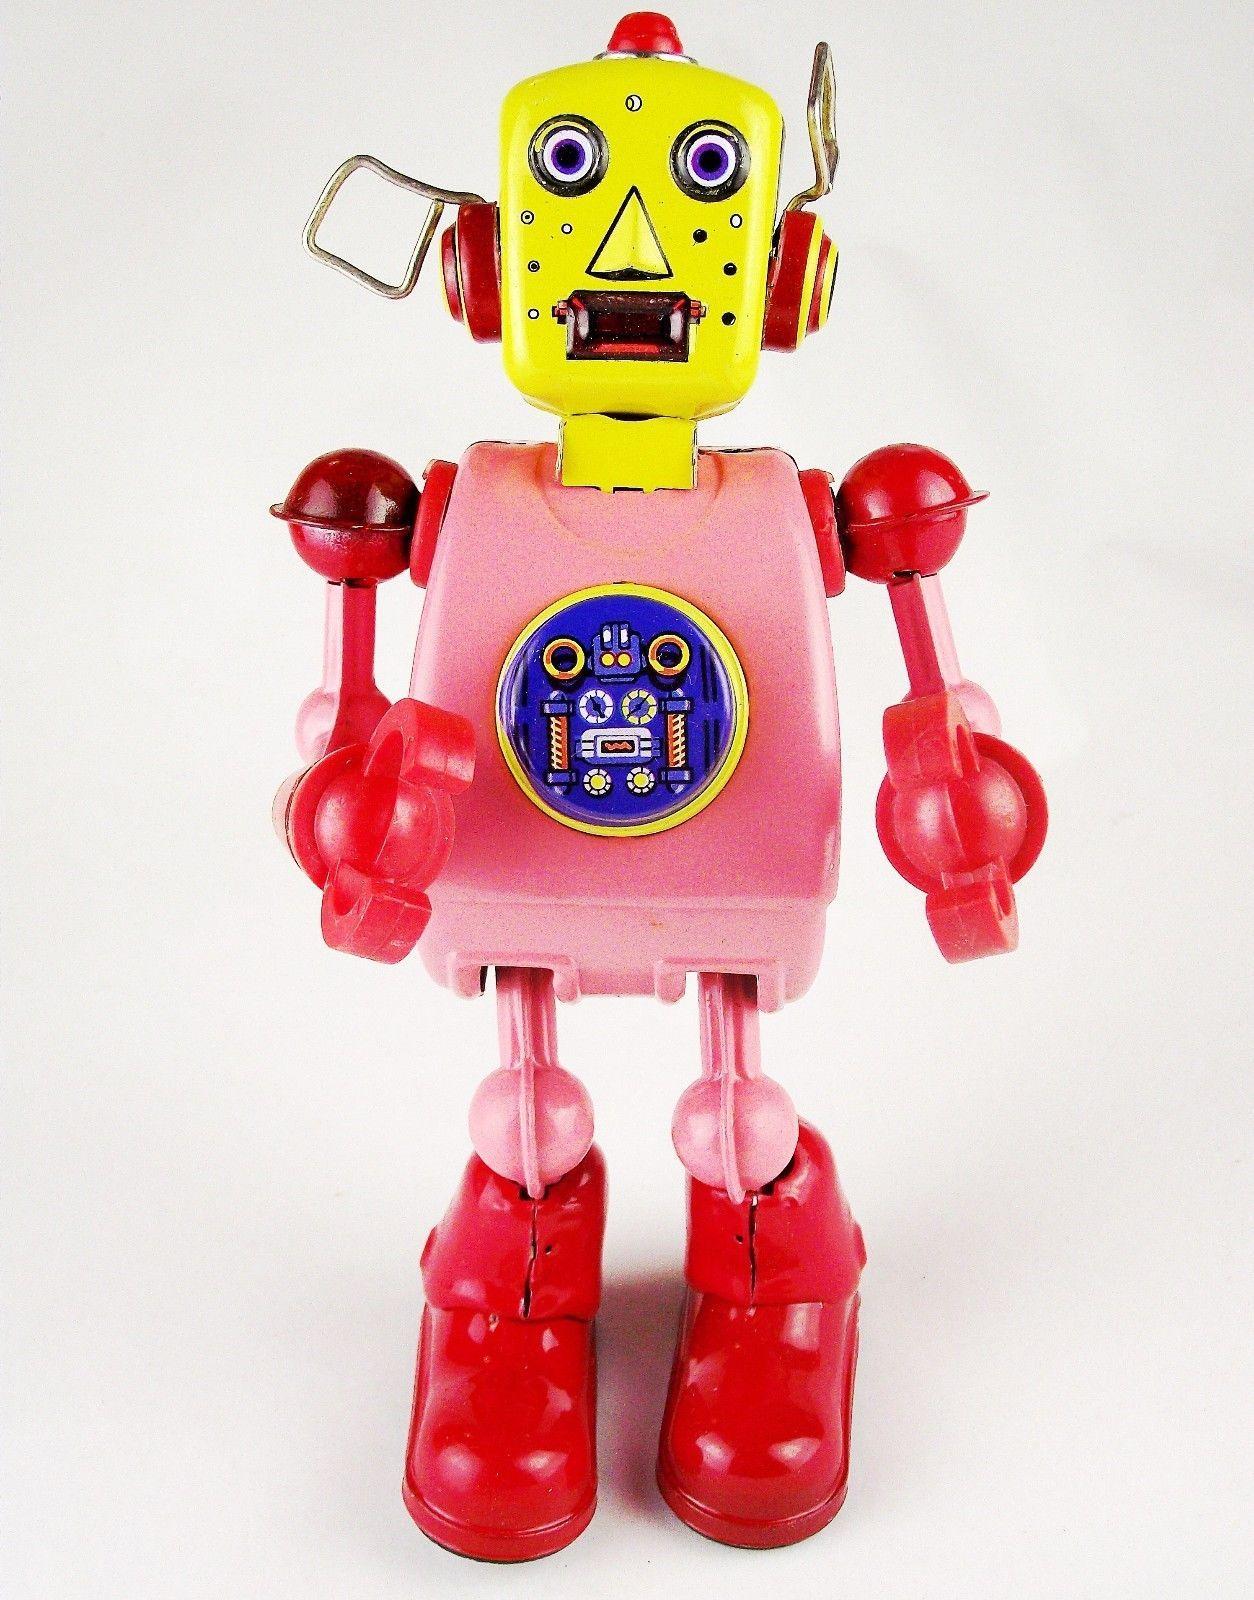 Retro Handmade Tin Clockwork Collectibles Toy Planet Robot Dh335 Ebay